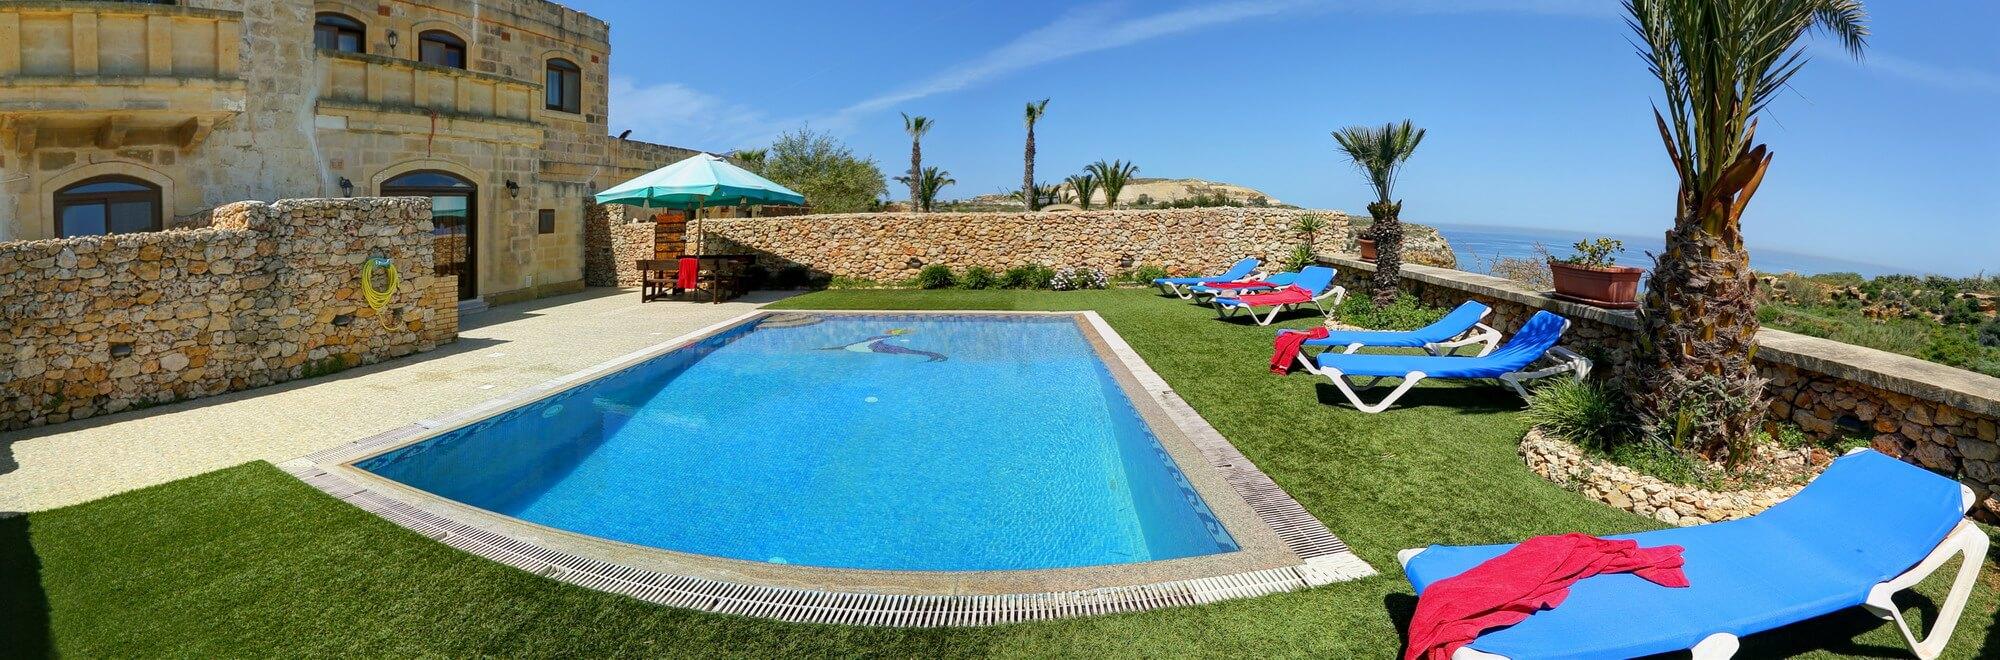 Villa Savona Pergola Farmhouses Gozo